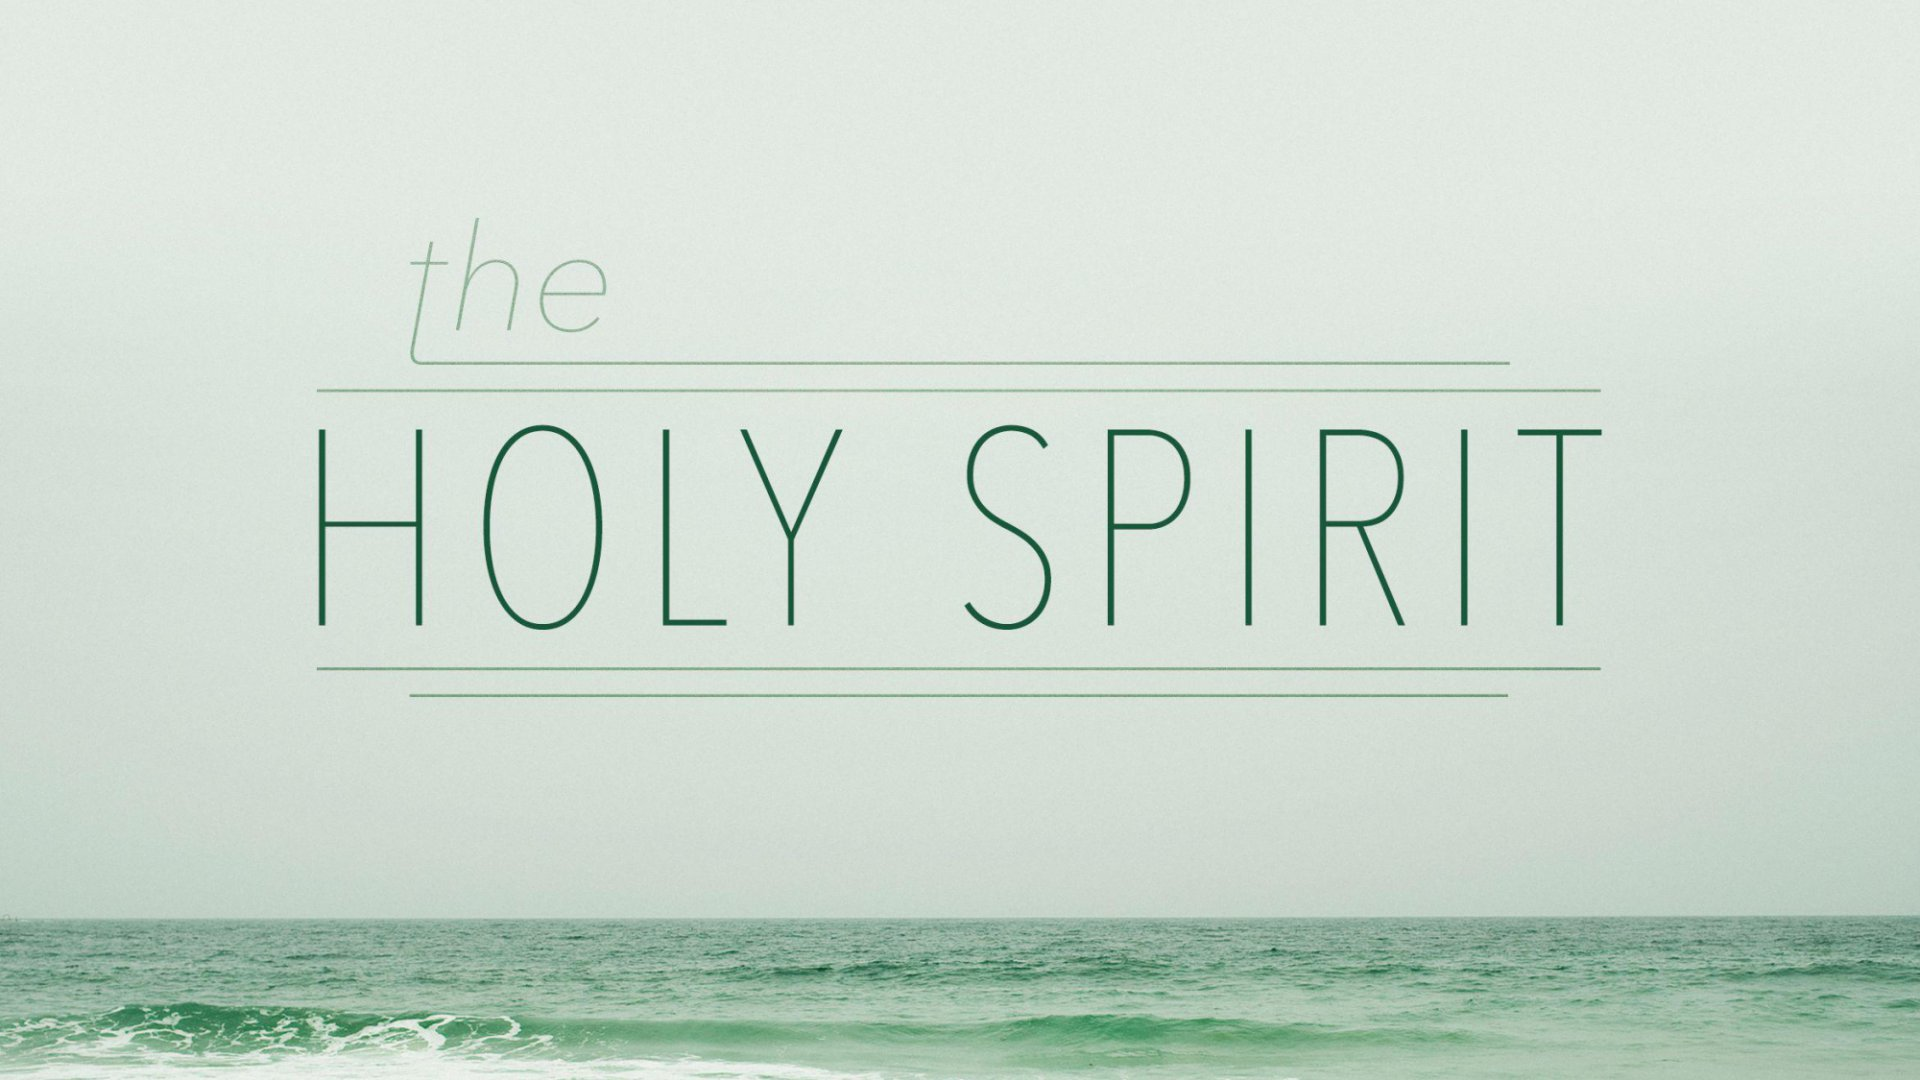 Teaching artwork for The Holy Spirit